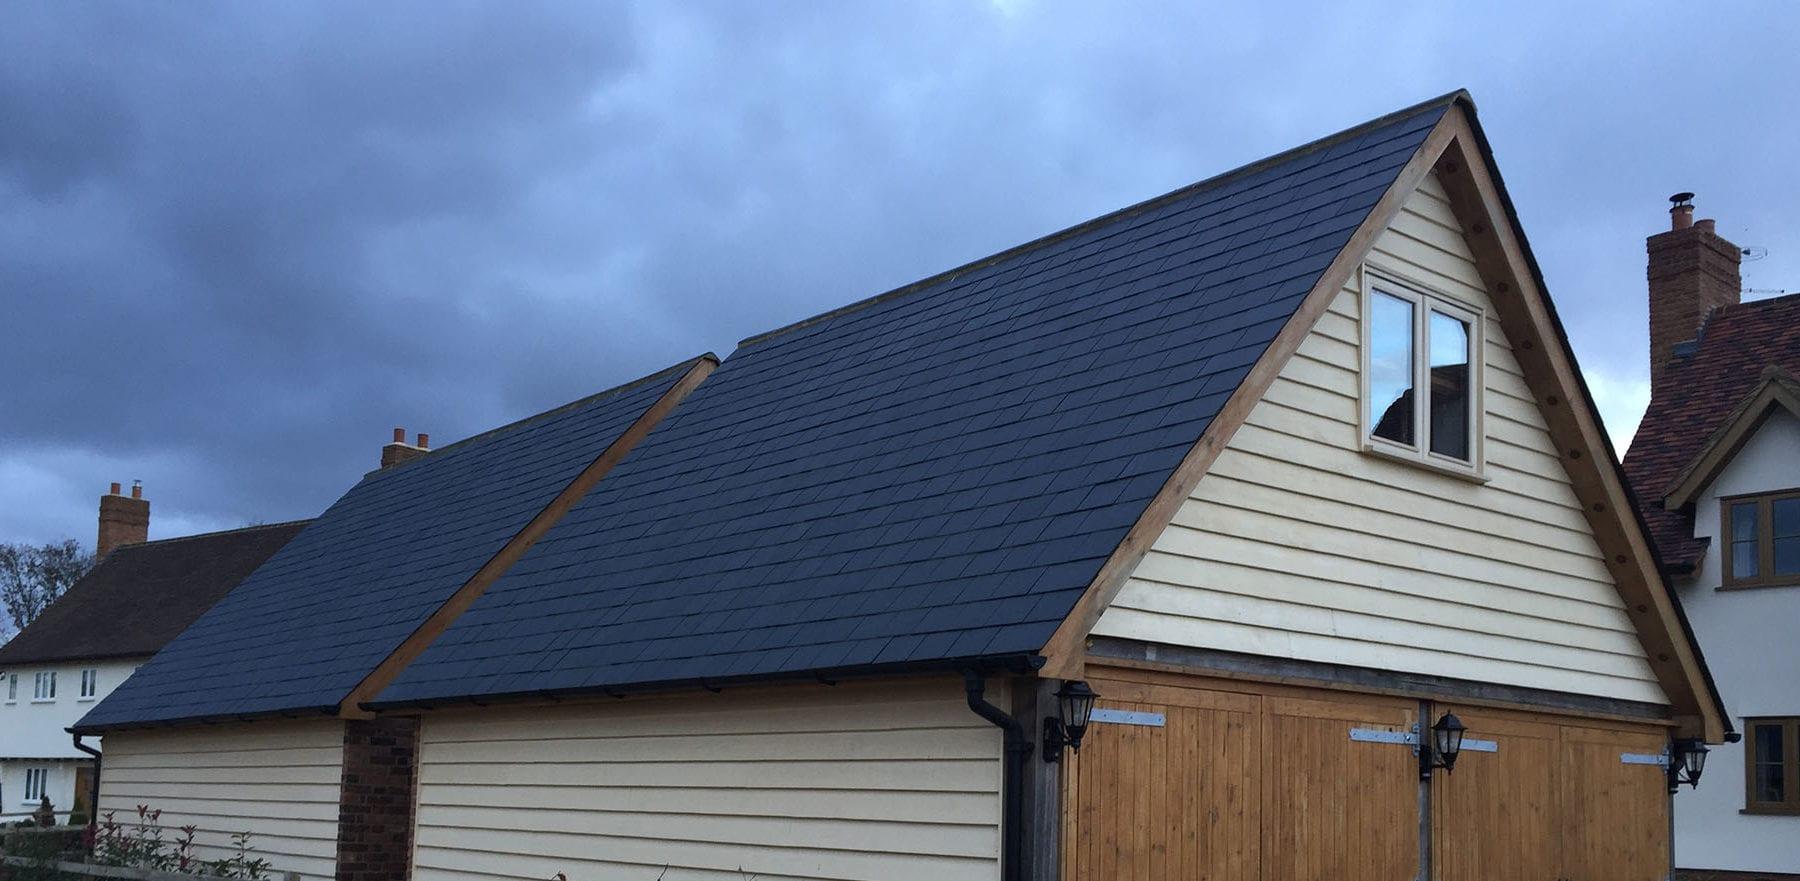 Lifestiles - Brazilian Natural Slate Roof Tiles - Farnham, England 5